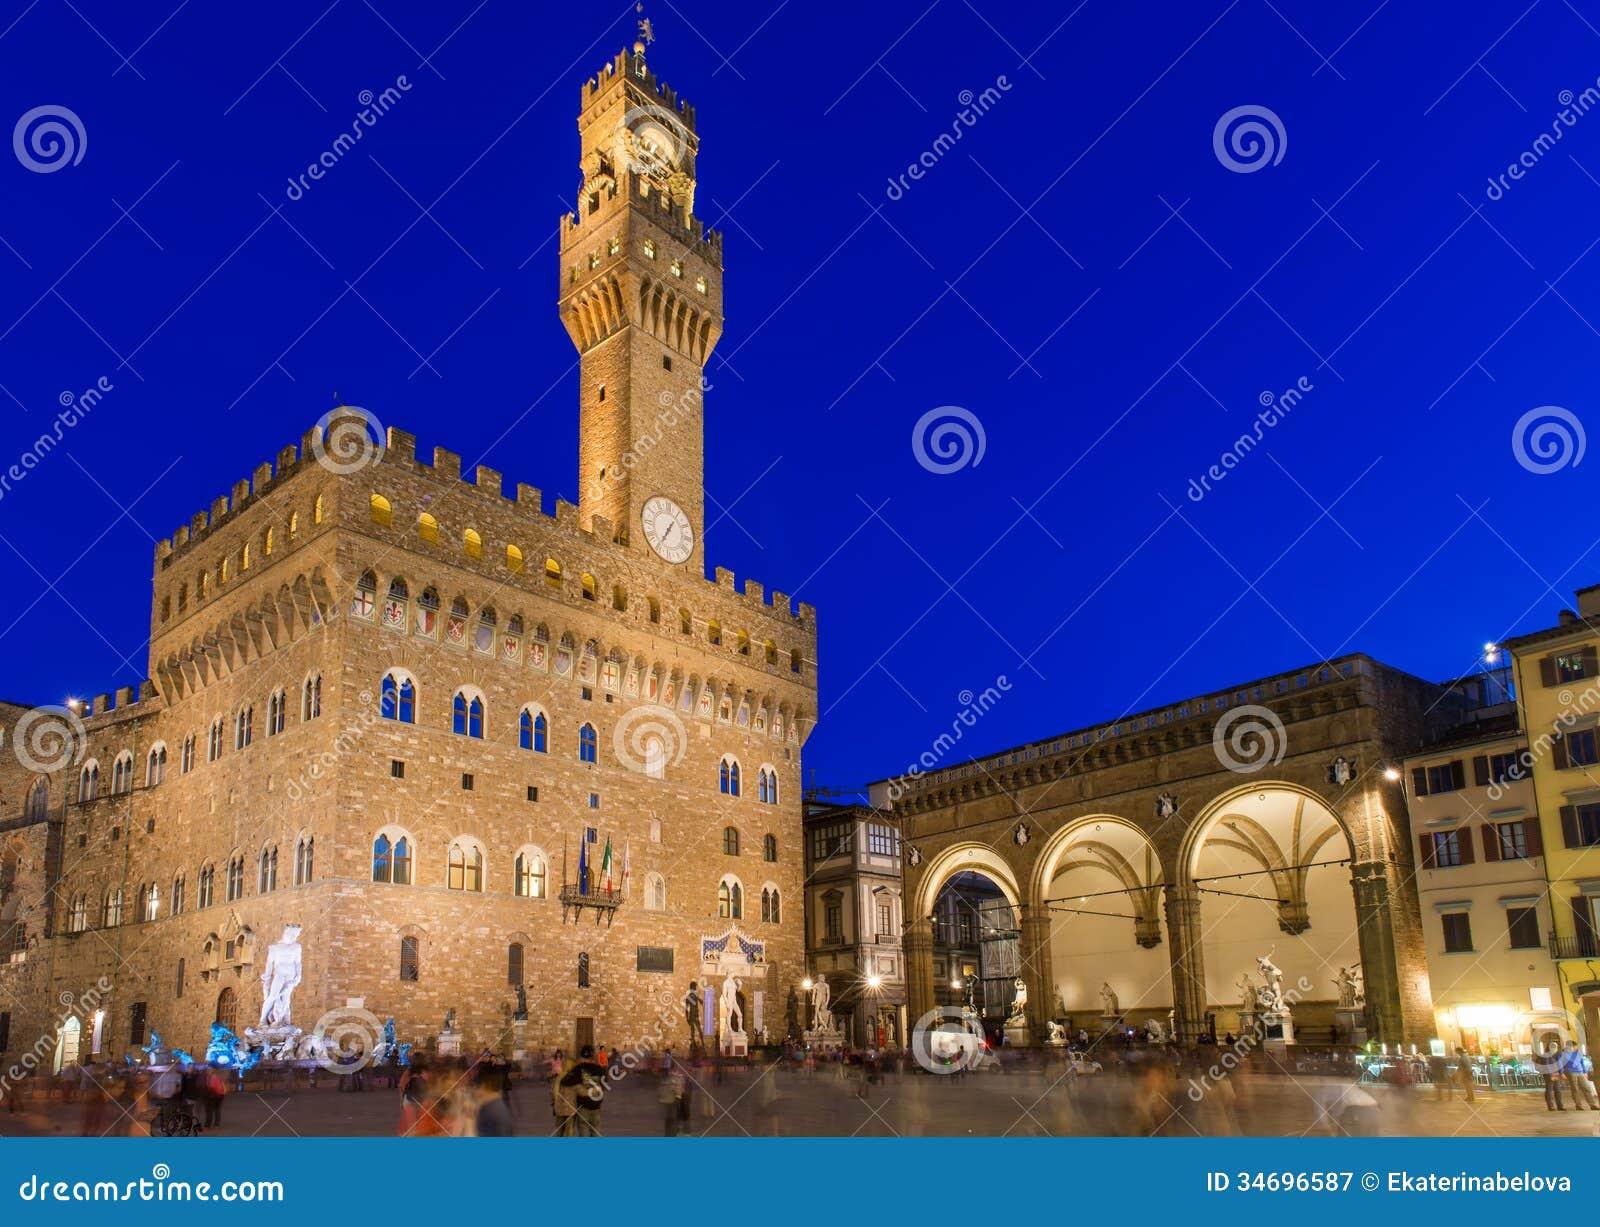 Night view of Piazza della Signoria and Palazzo Vecchio in Florence